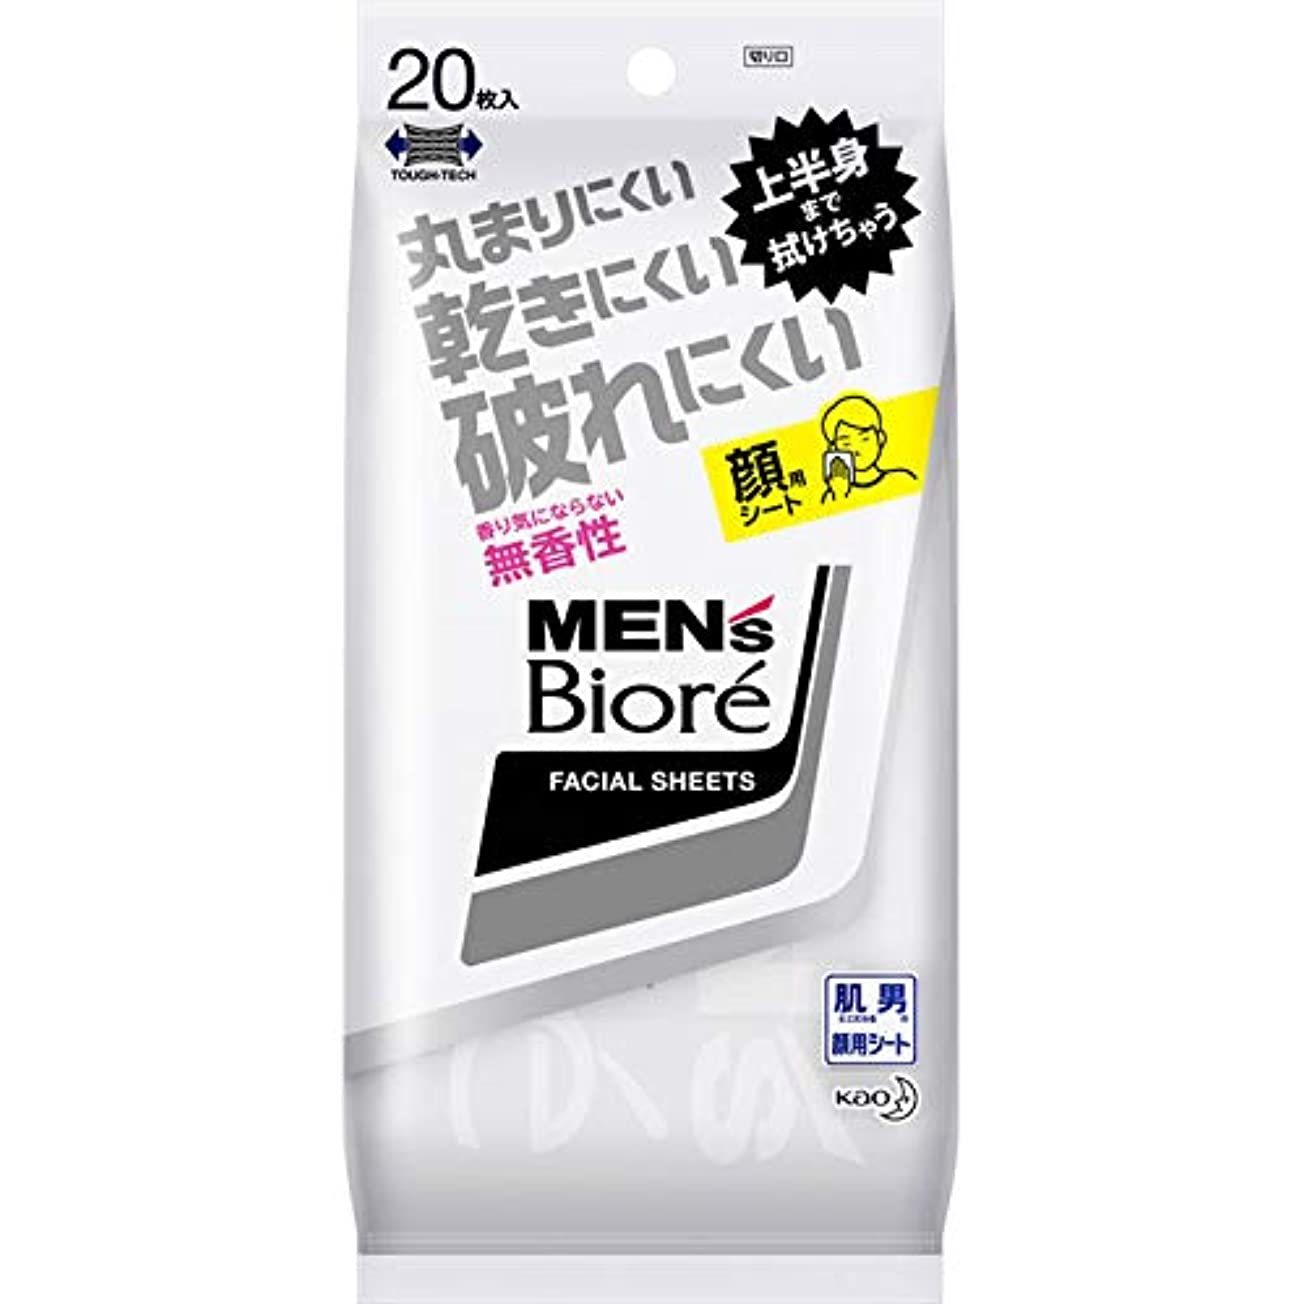 掃く色横向き花王 メンズビオレ 洗顔シート 香り気にならない無香性 携帯用 (20枚入) ビオレ フェイスシート